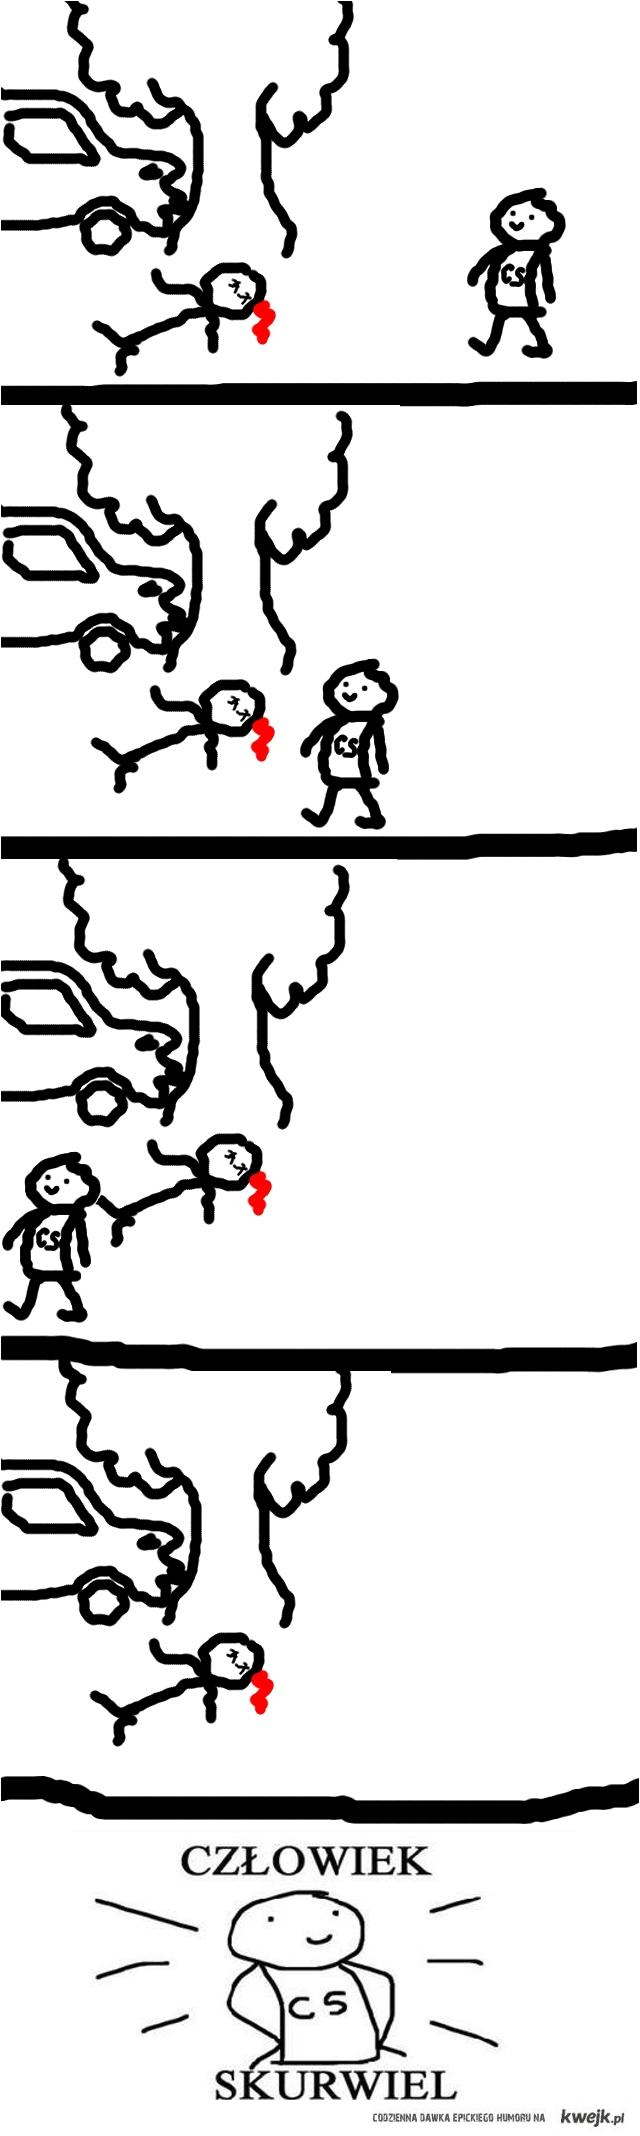 Człowiek Skurwiel - wypadek